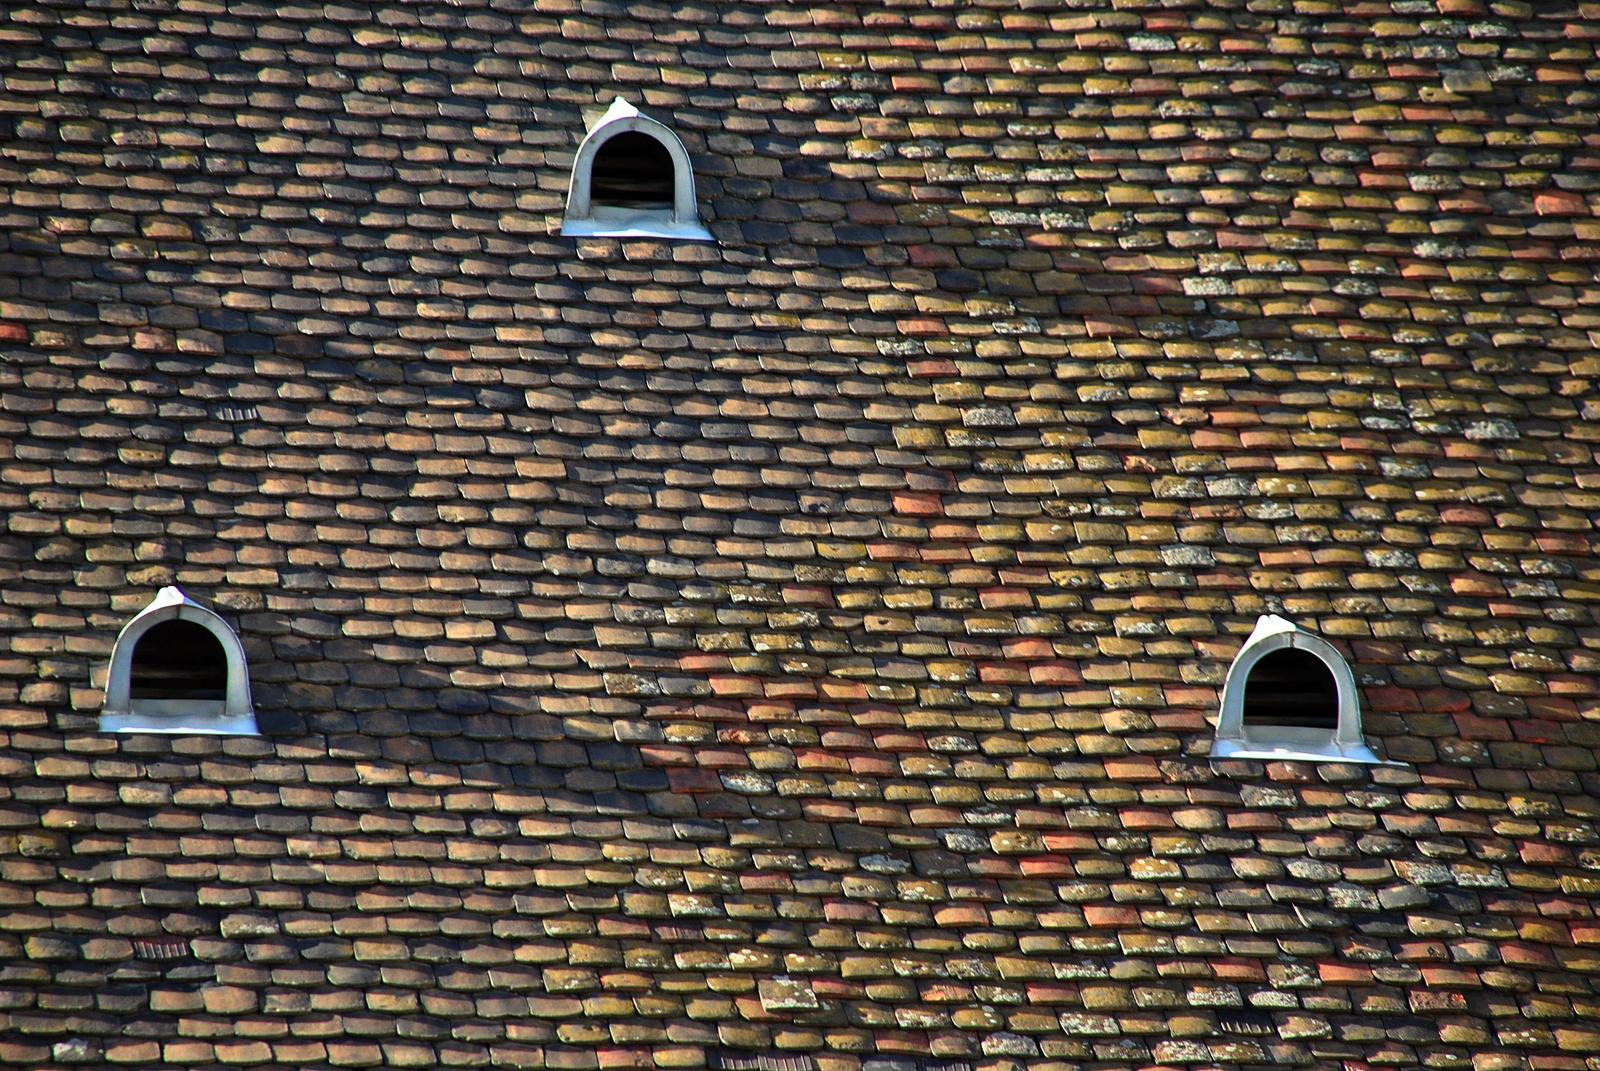 Hárman a tetőn